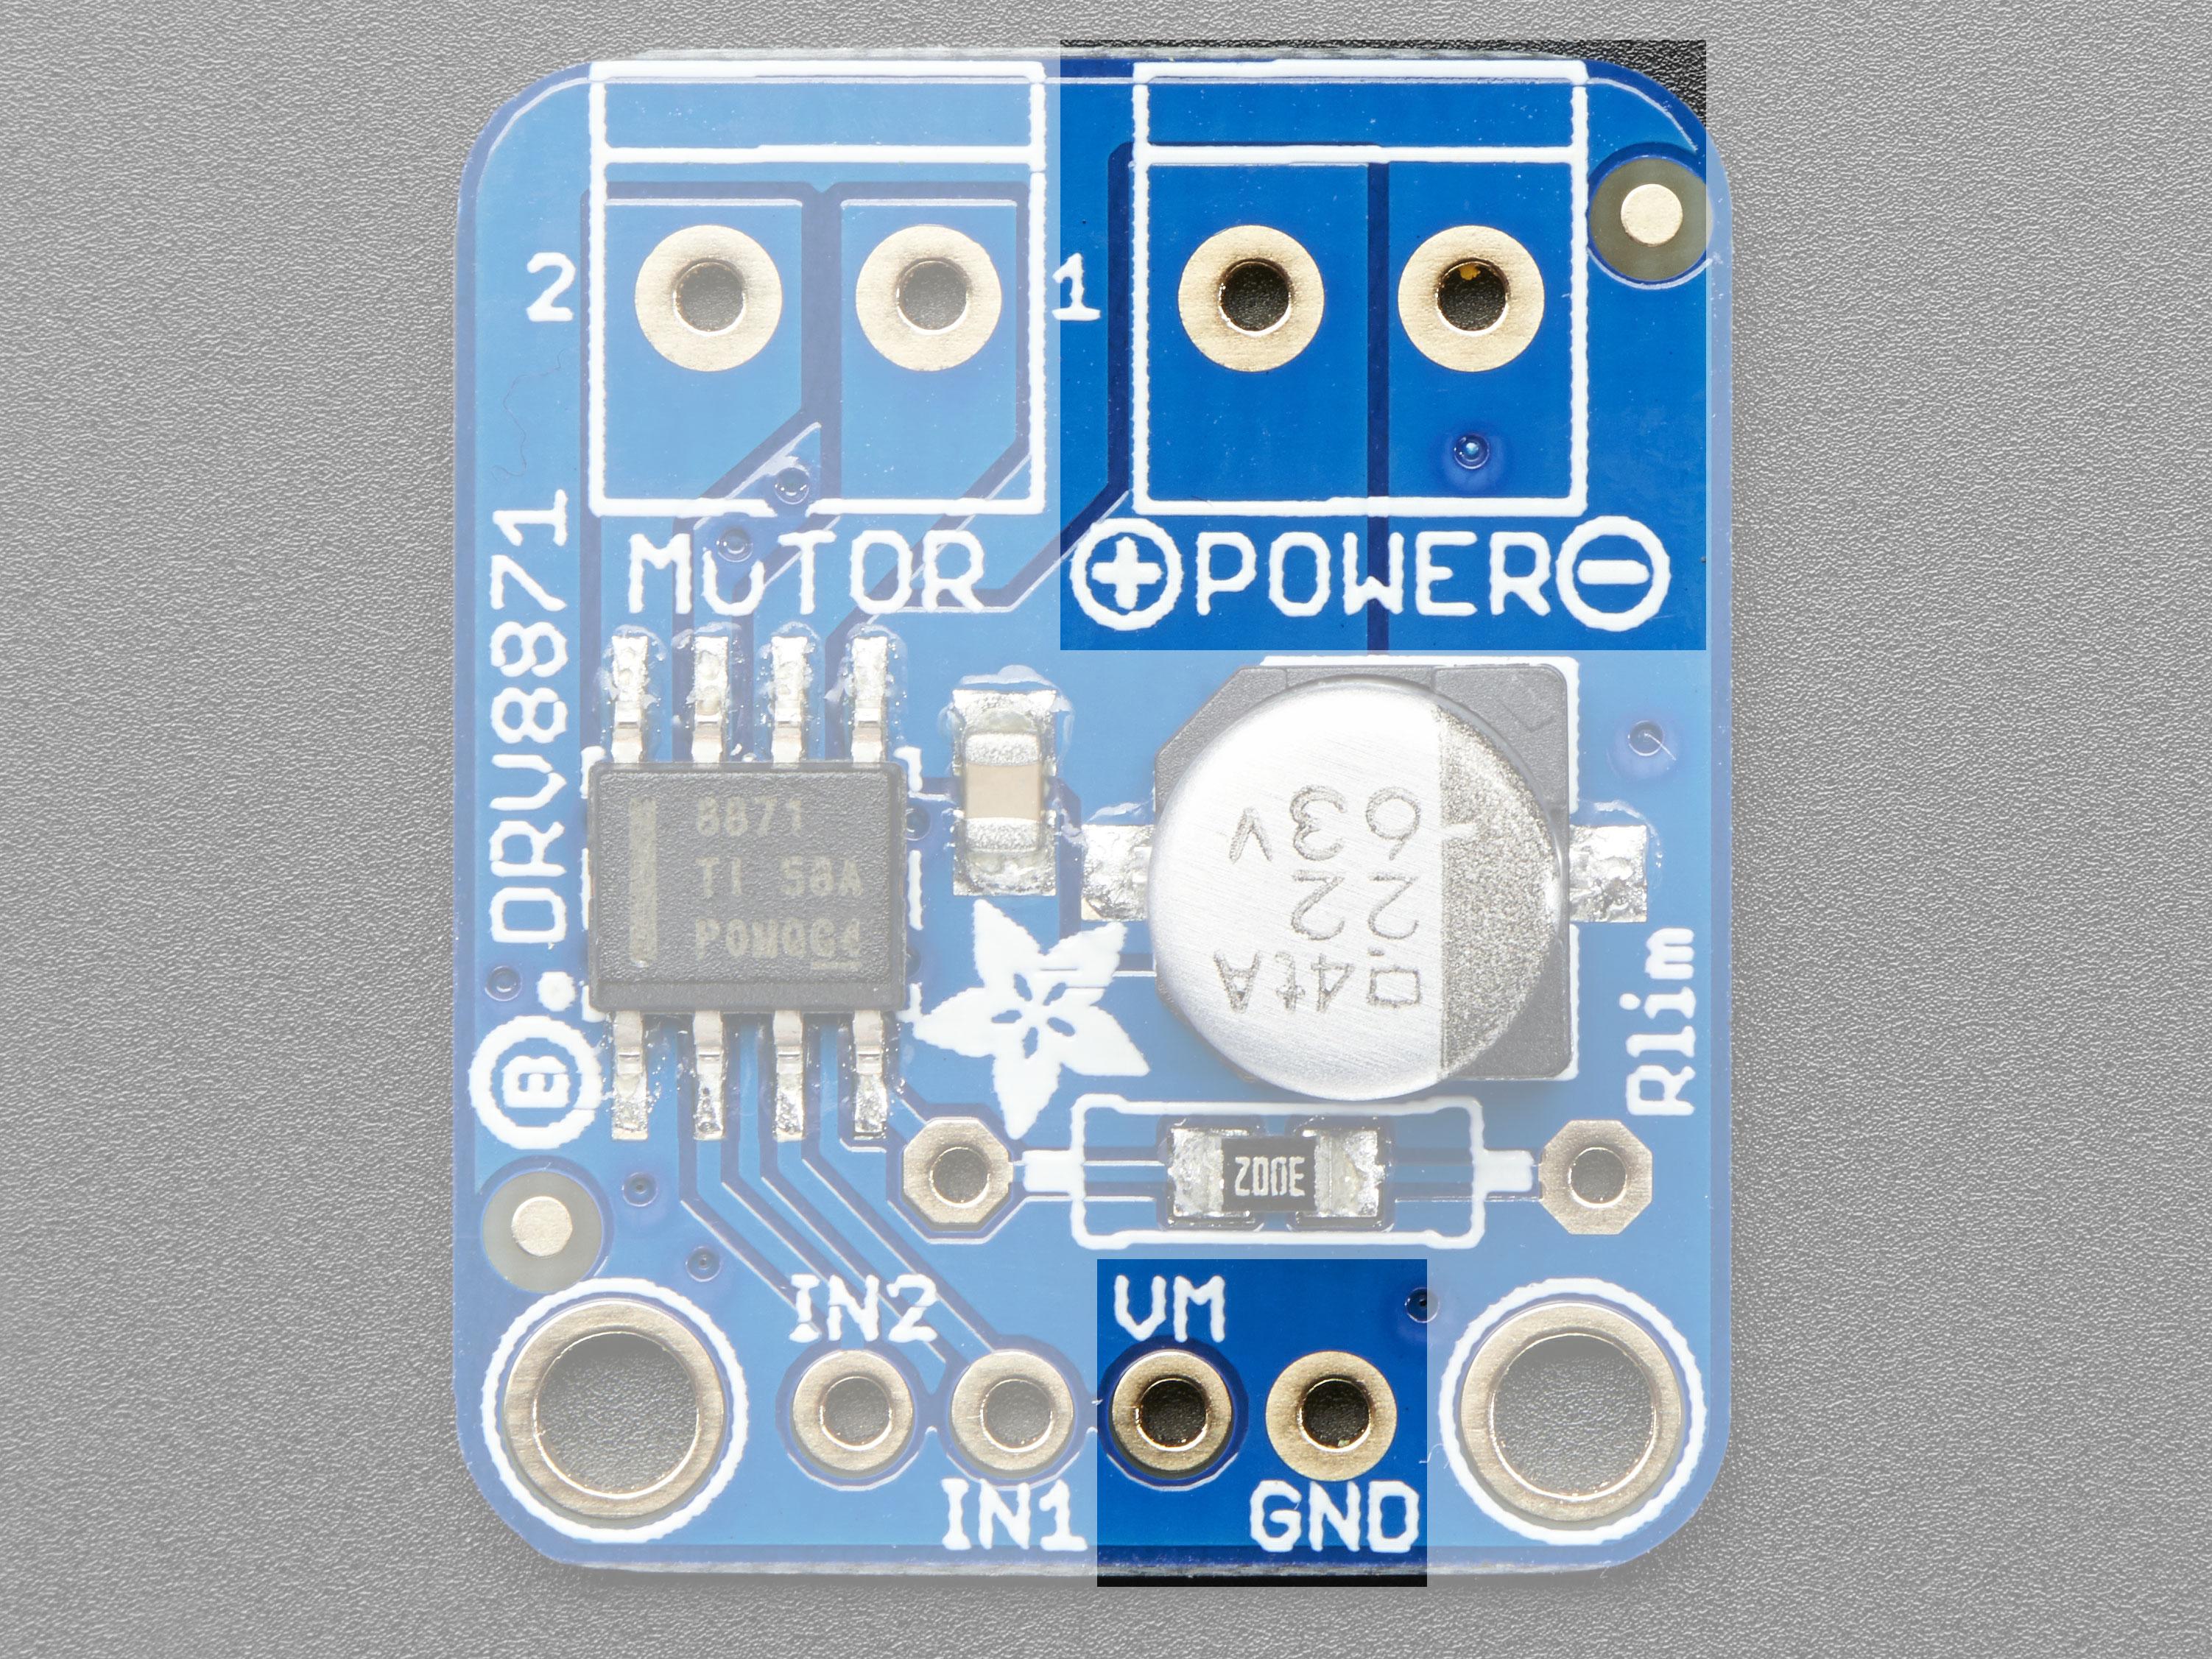 adafruit_products_motorpower.jpg